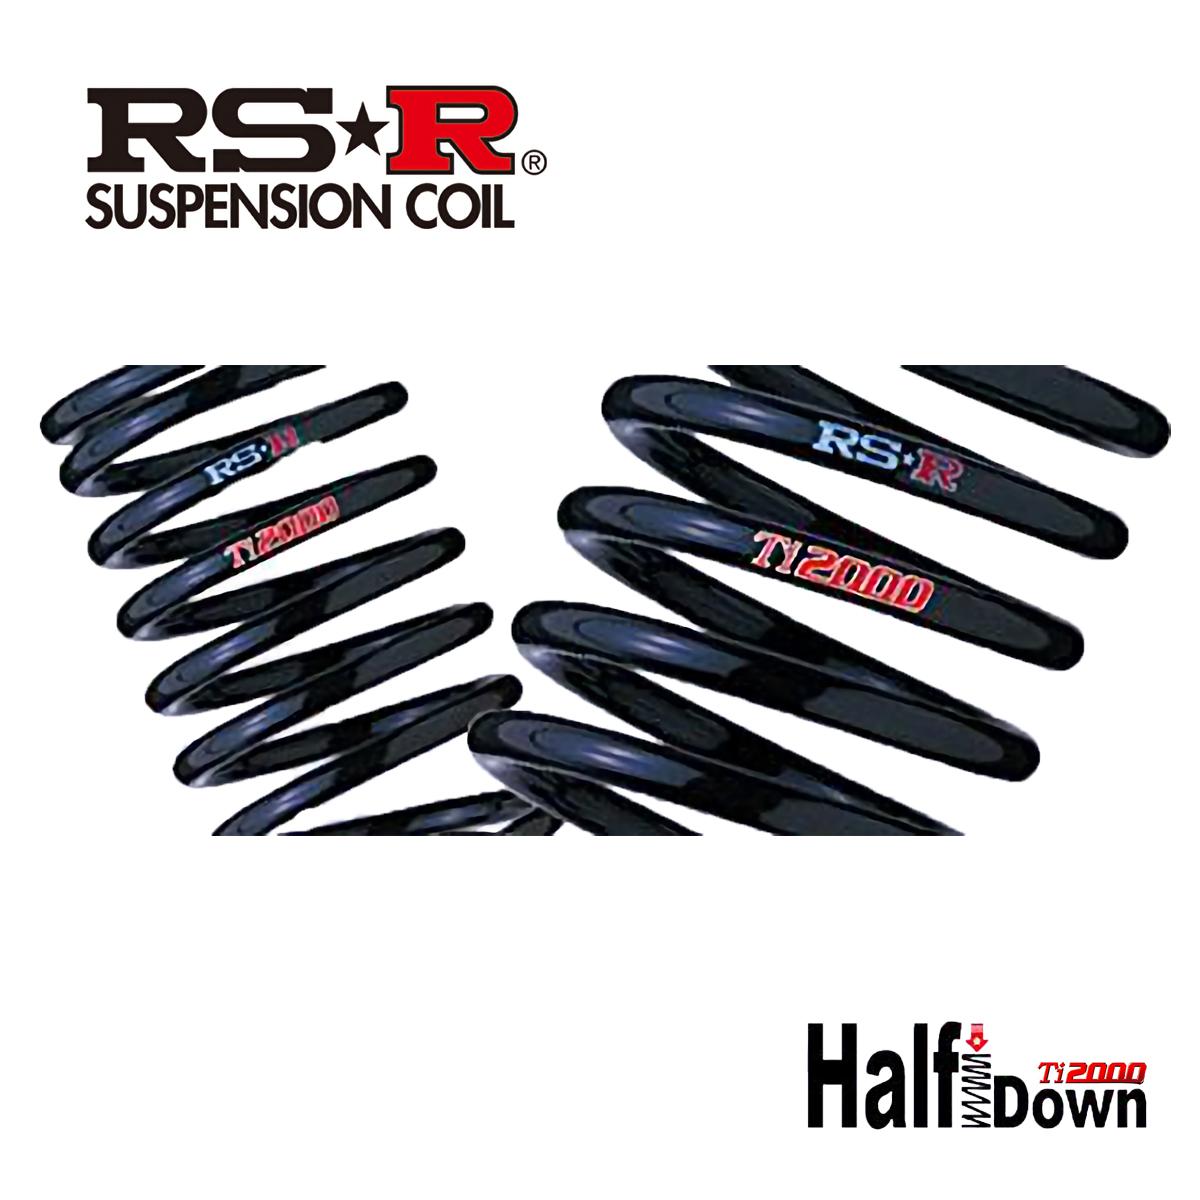 RS-R アルトワークス ベースグレード HA36S ダウンサス スプリング 1台分 S022TS Ti2000 ハーフダウン RSR 個人宅発送追金有